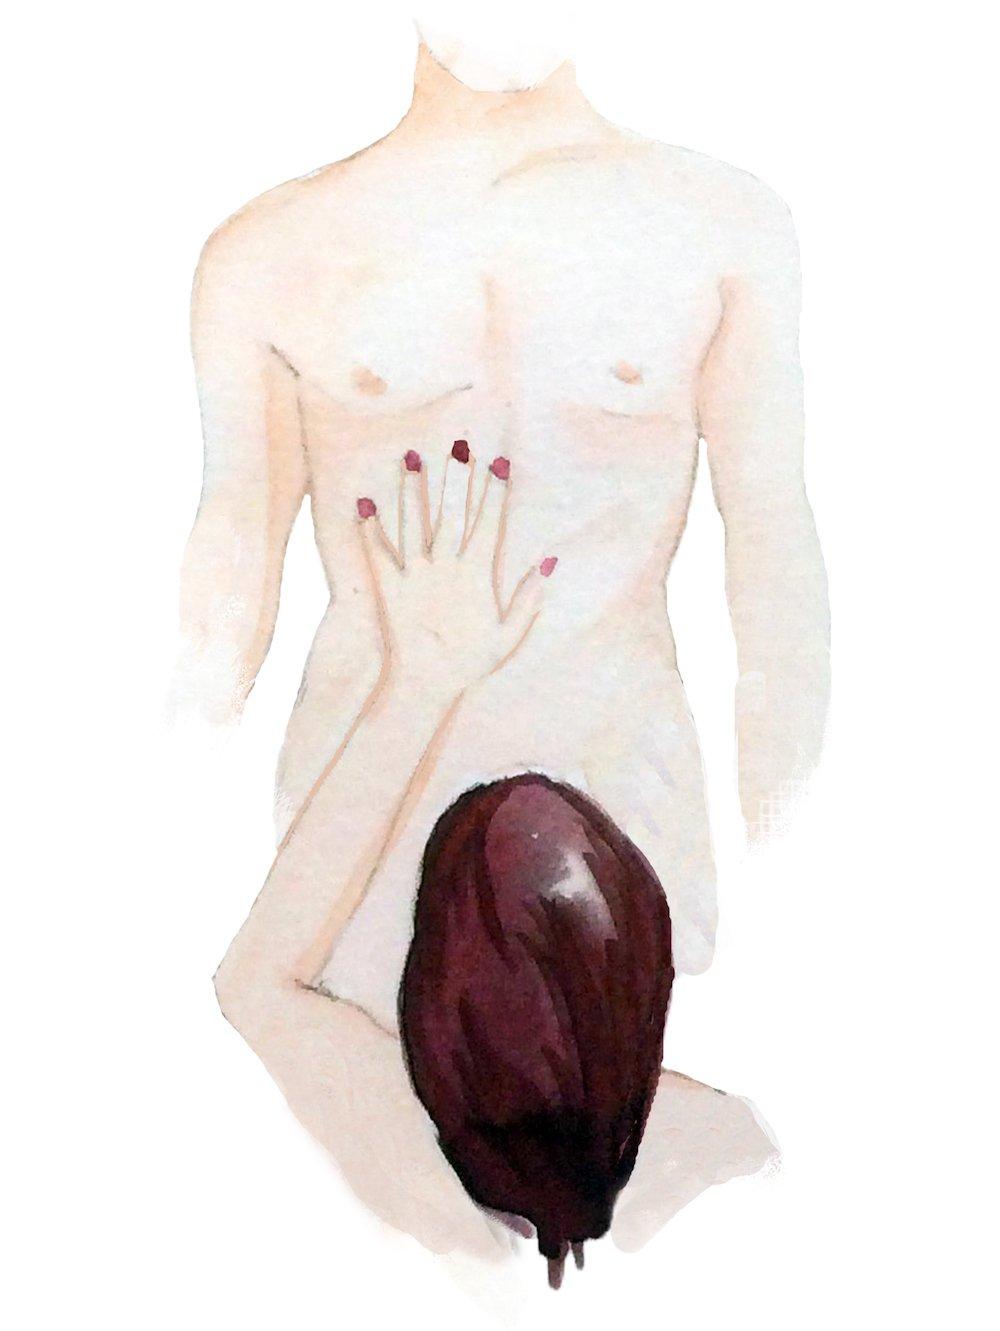 2 оргазмические секс-игры с минетом, которые она полюбит!